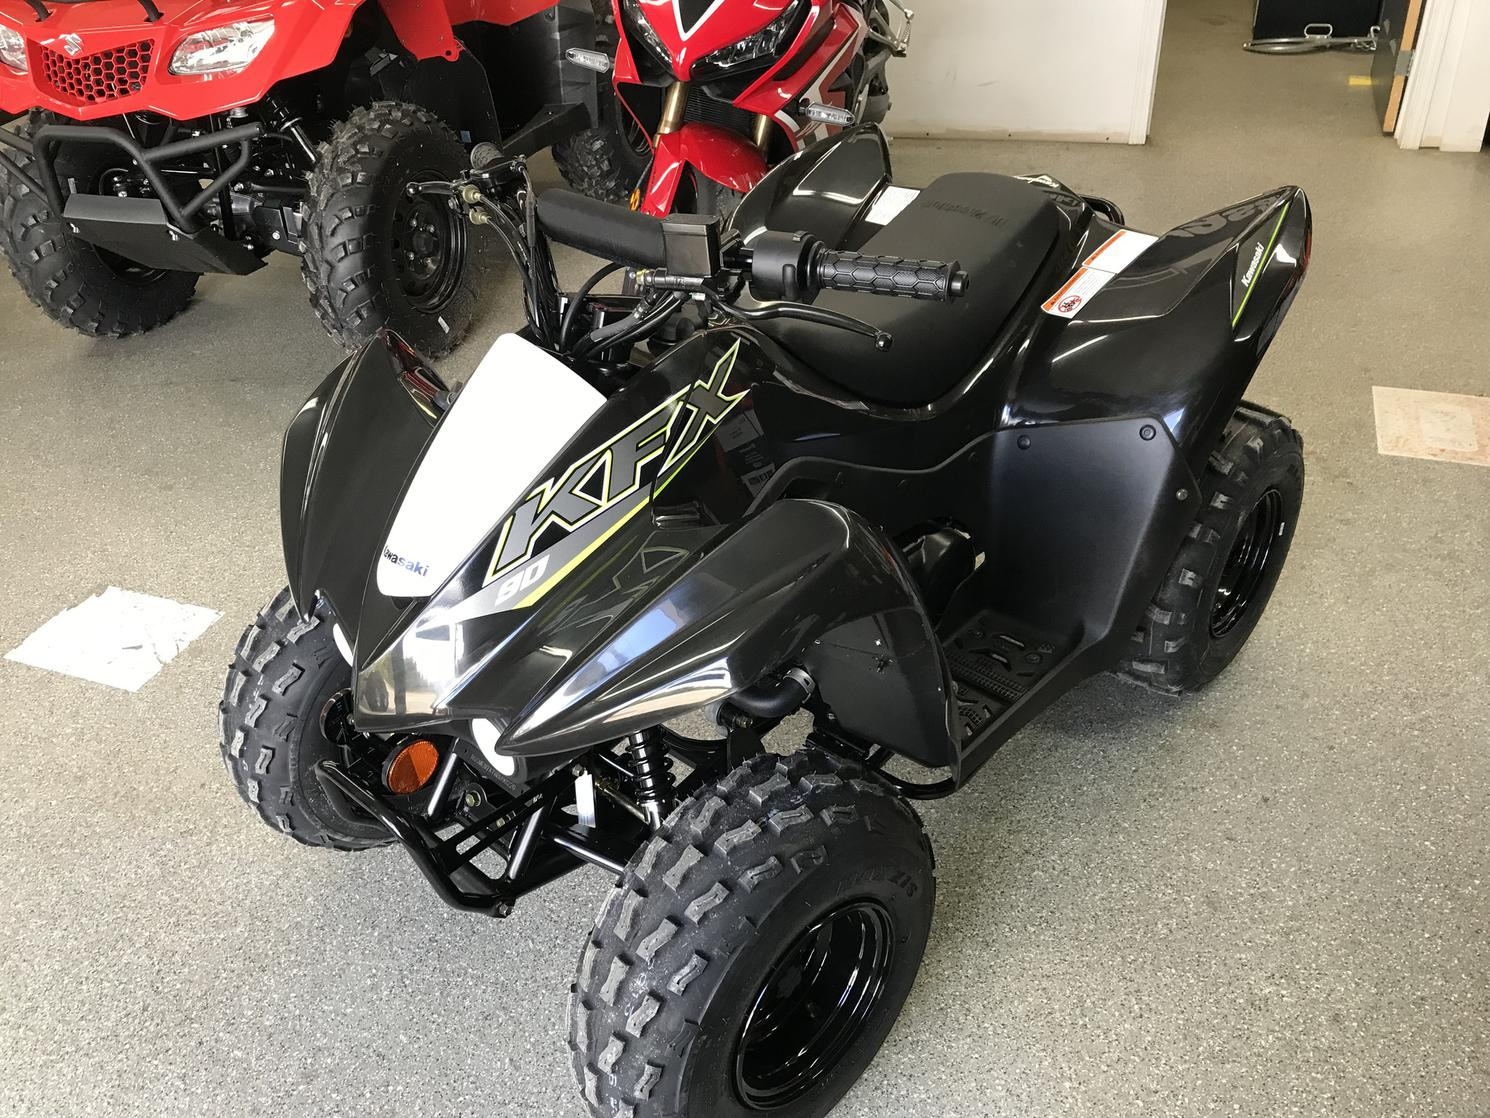 Kawasaki KFX 90 2022